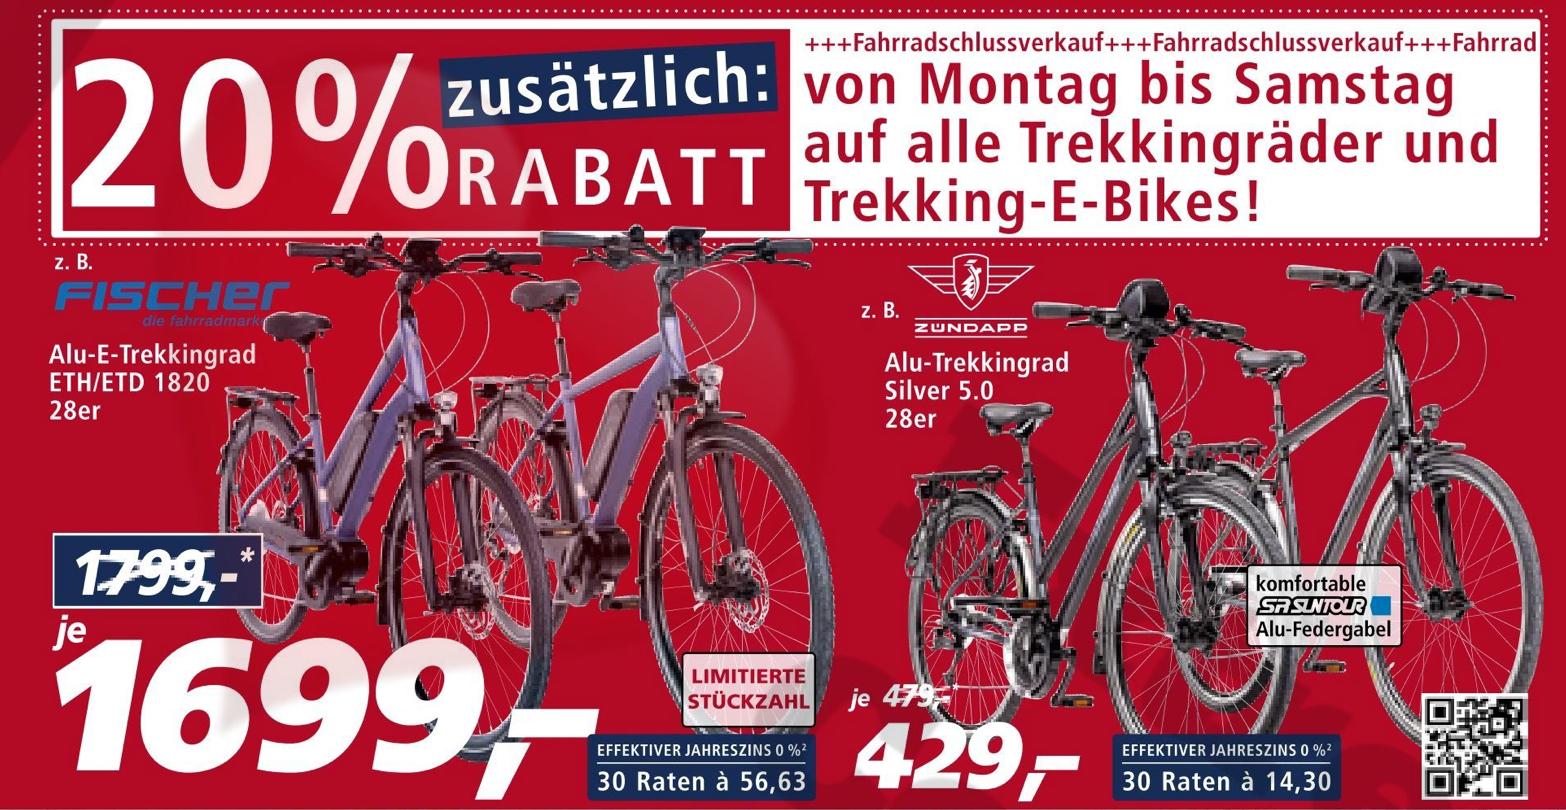 (REAL Lokal bundesweit) zusätzlich 20% Rabatt auf alle Trekking-Räder und Trekking-E-Bikes